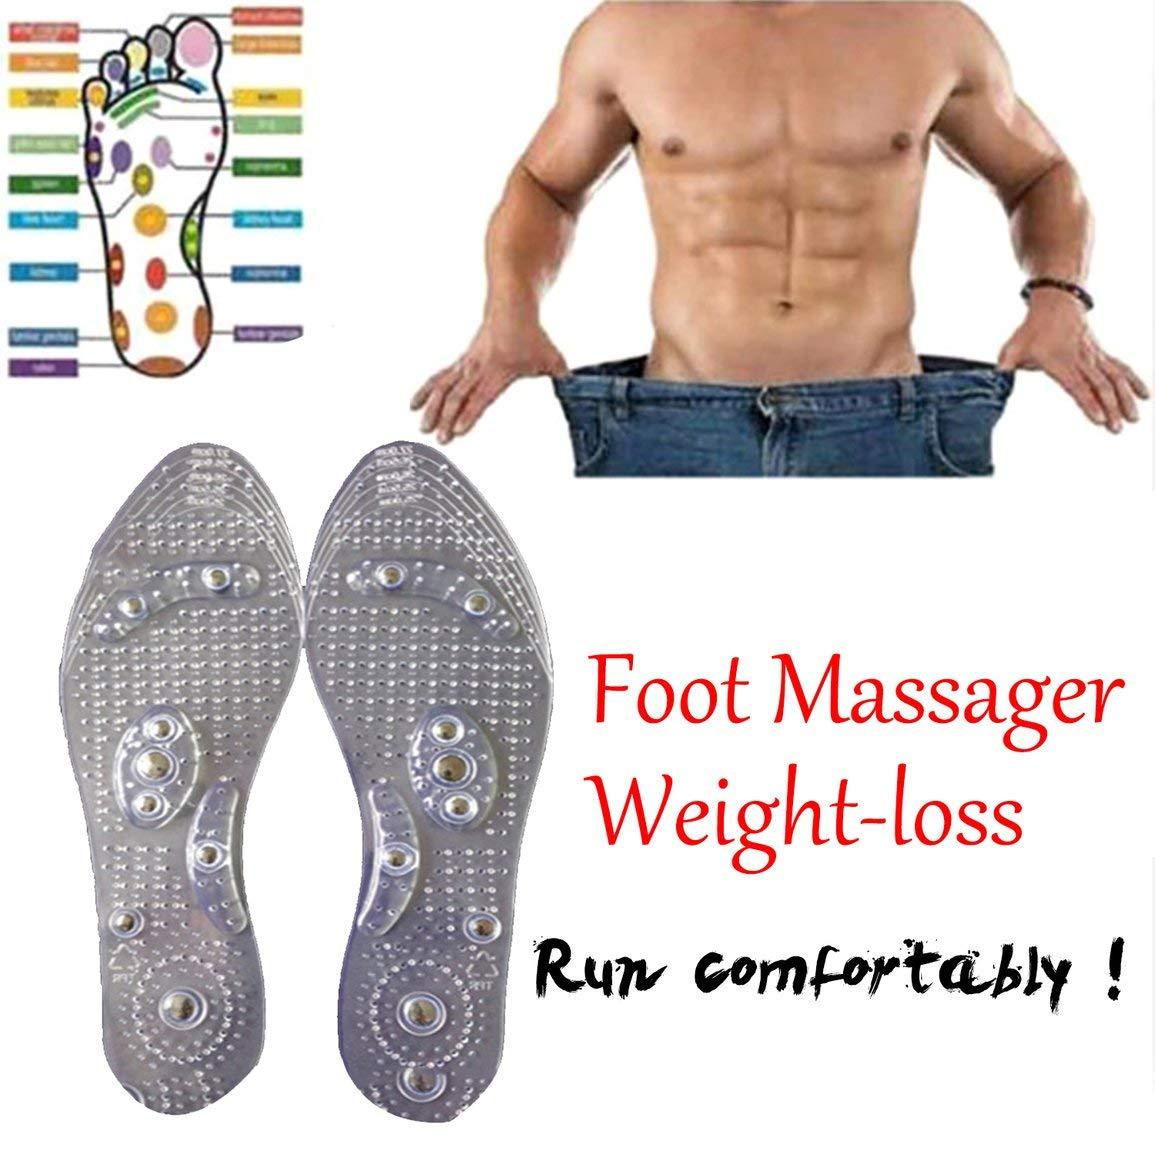 Garciasia Terapia magn/ética Plantillas adelgazantes para Perder Peso Masaje de pies Cuidado de la Salud Zapatos Mat Pad Acupuntura Plantilla de Masaje Suela Color: Transparente Tama/ño: 27CM